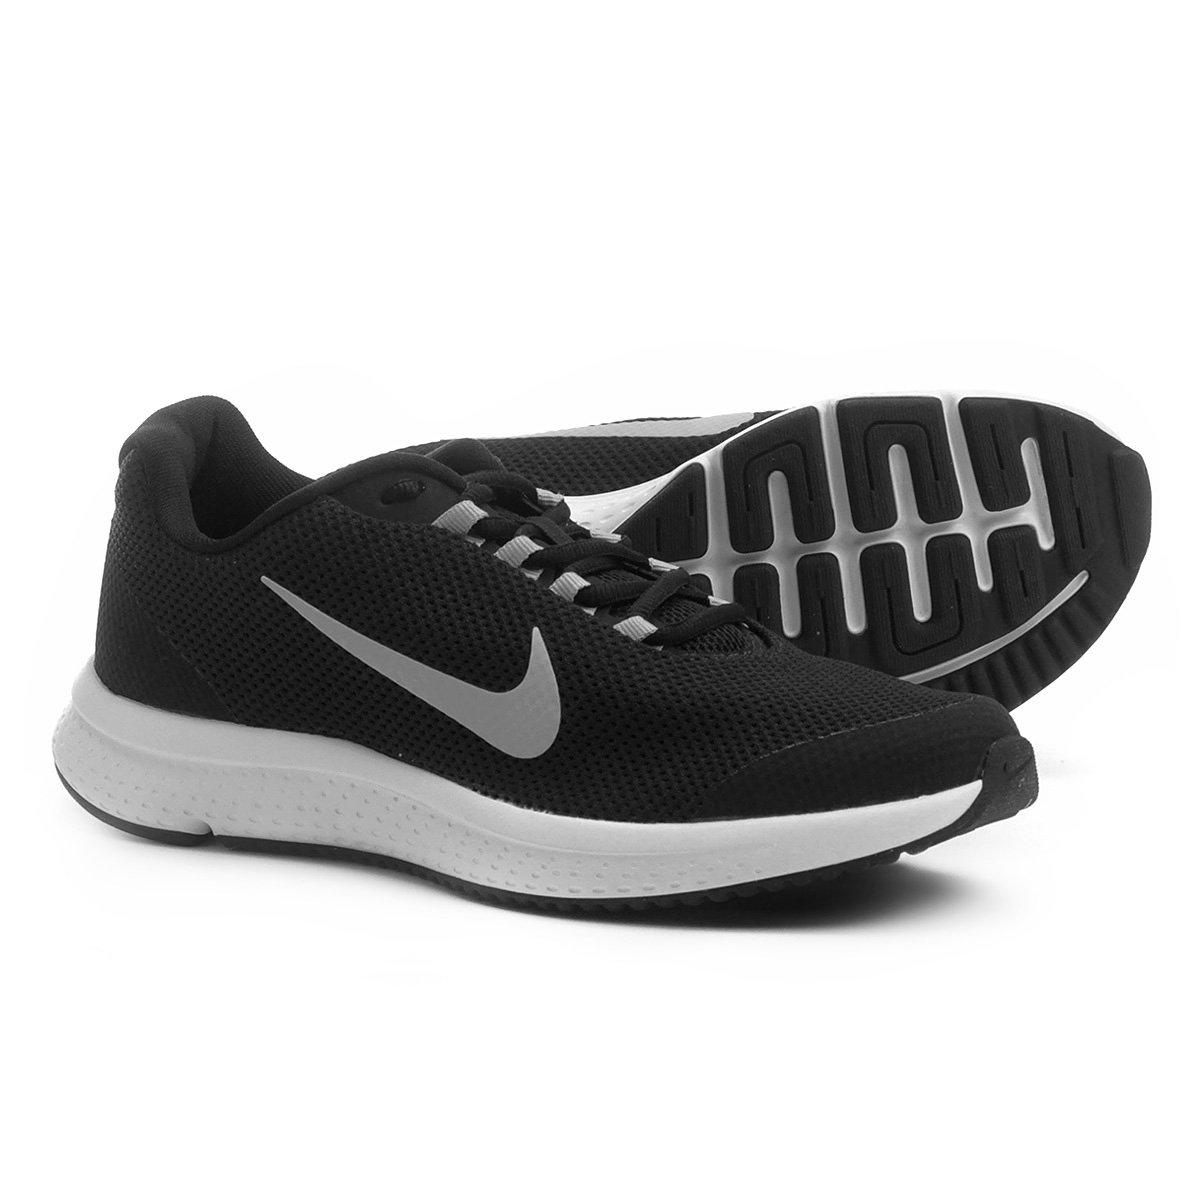 Tênis Nike Runallday Masculino - Preto e Branco - Compre Agora ... eeb34165b9c